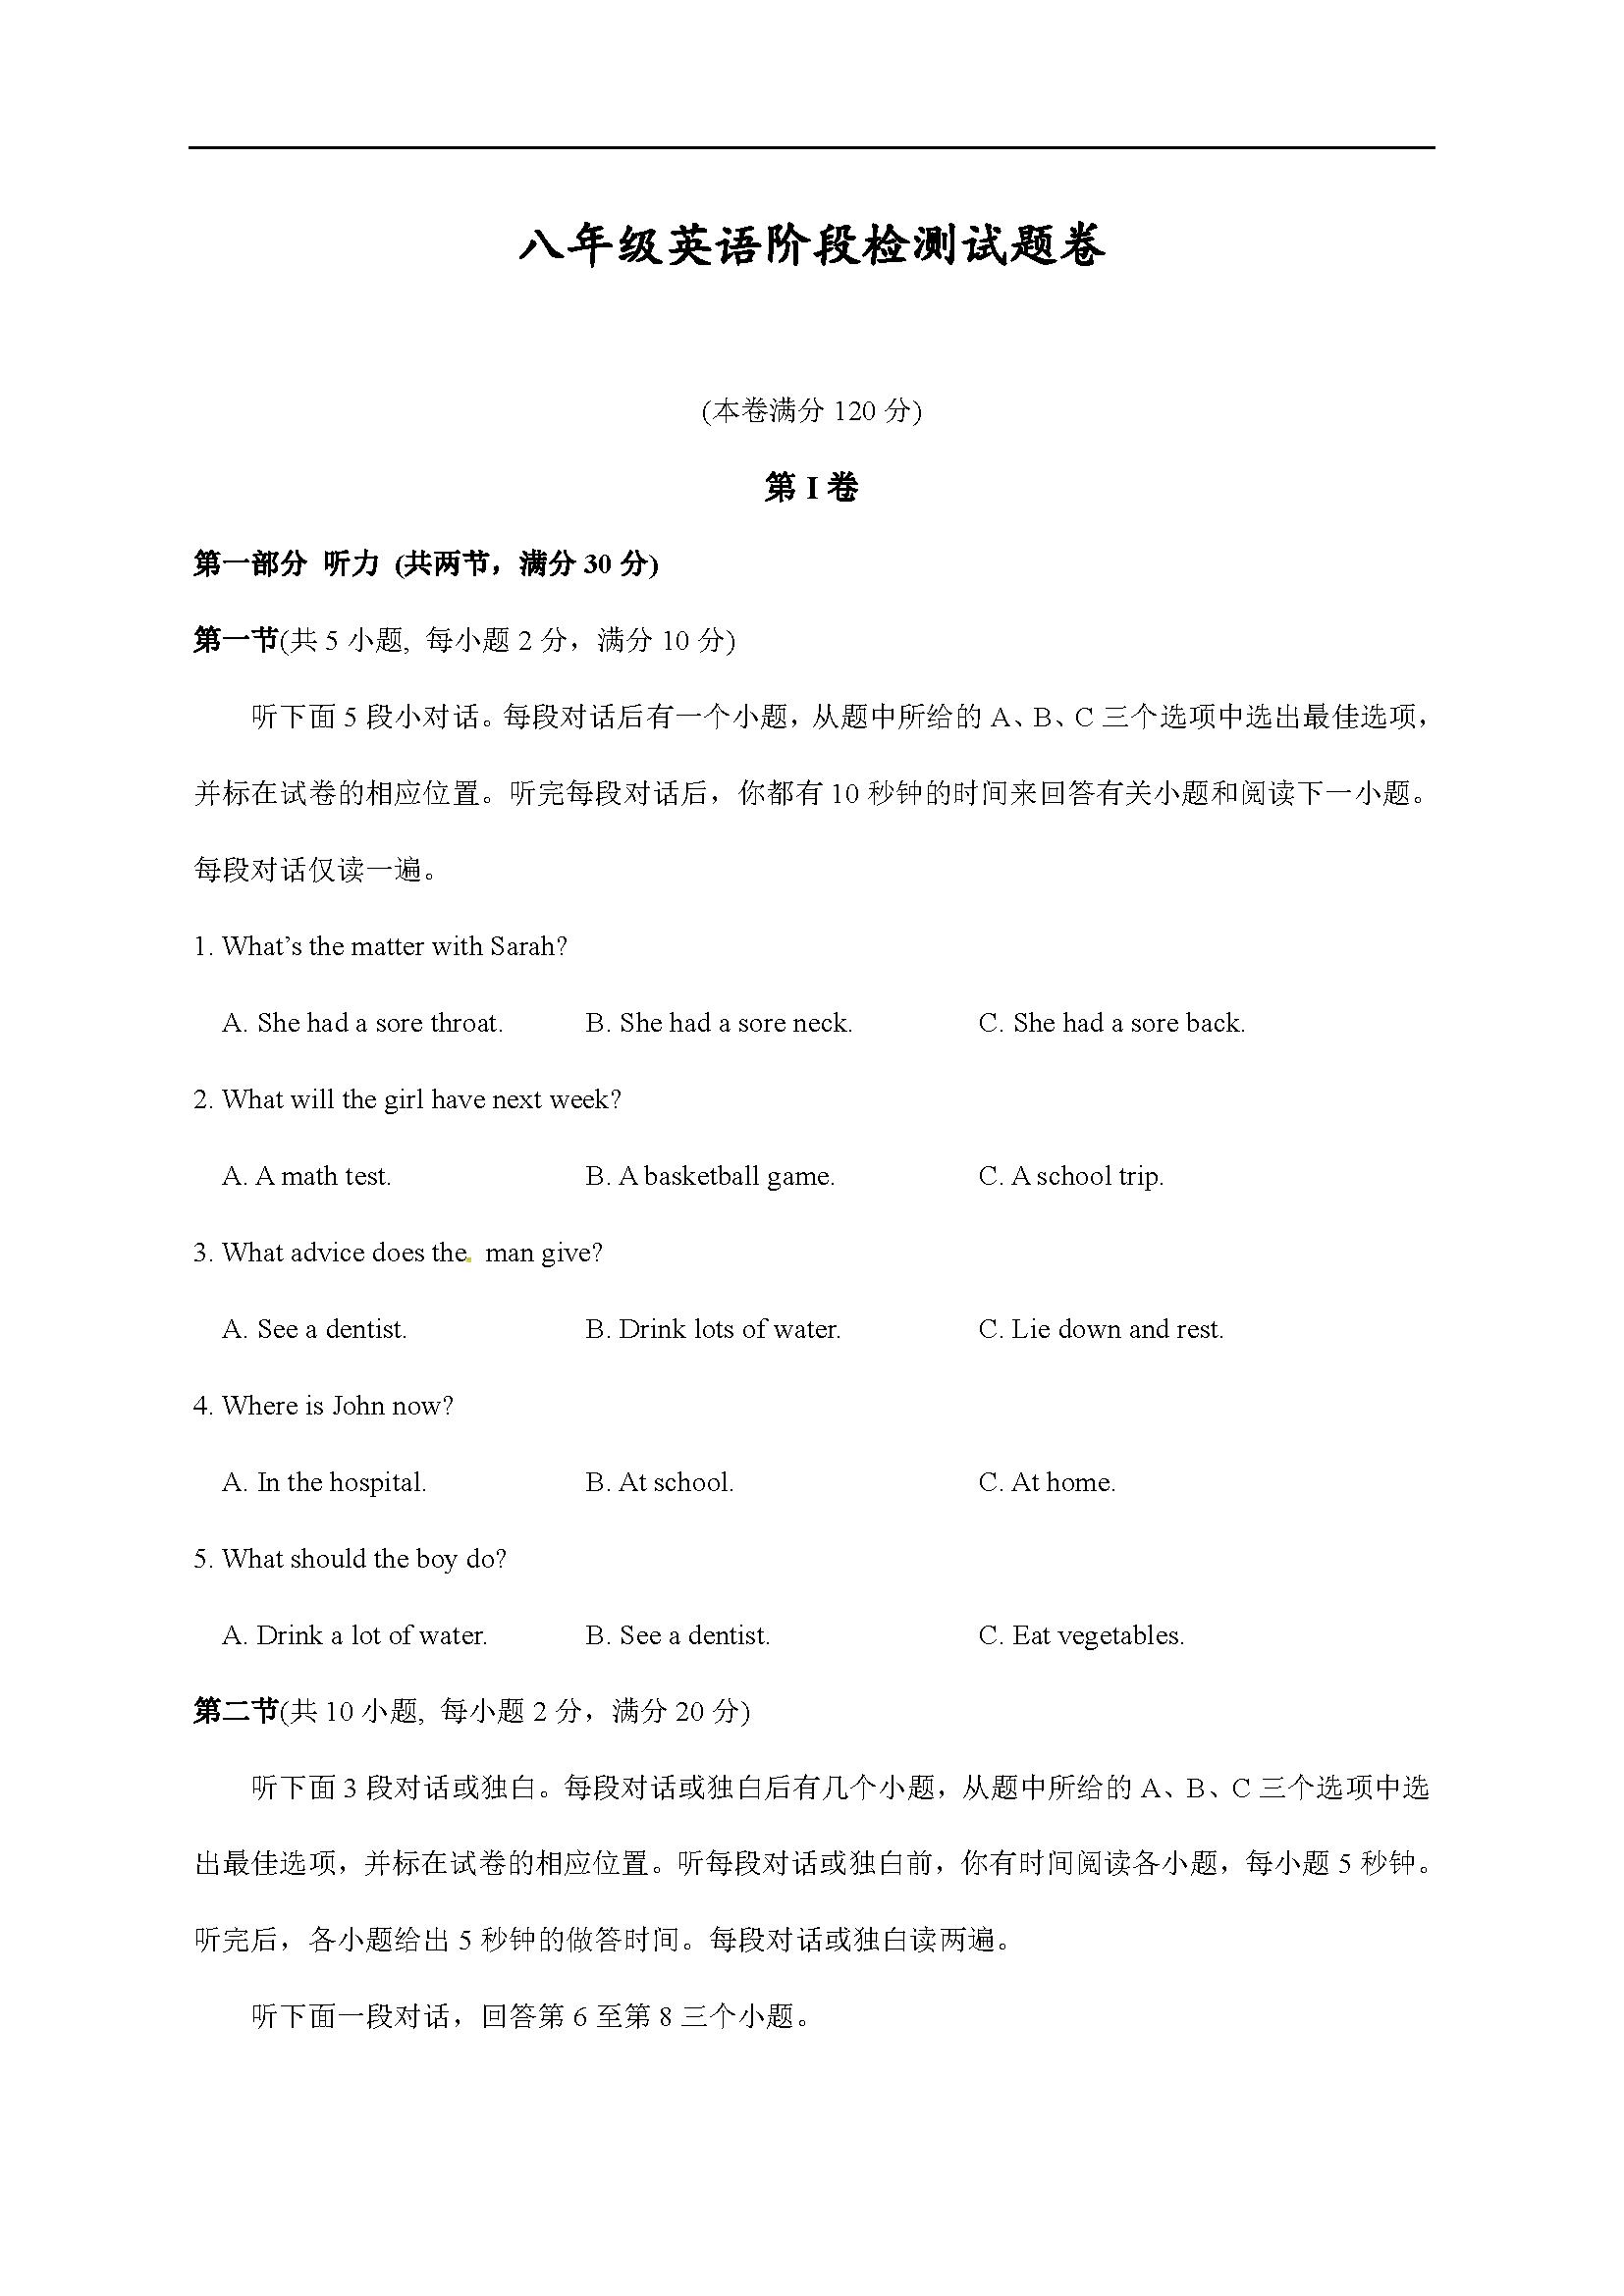 浙江杭州萧山戴村片2016-2017八年级3月月考英语试题(图片版)